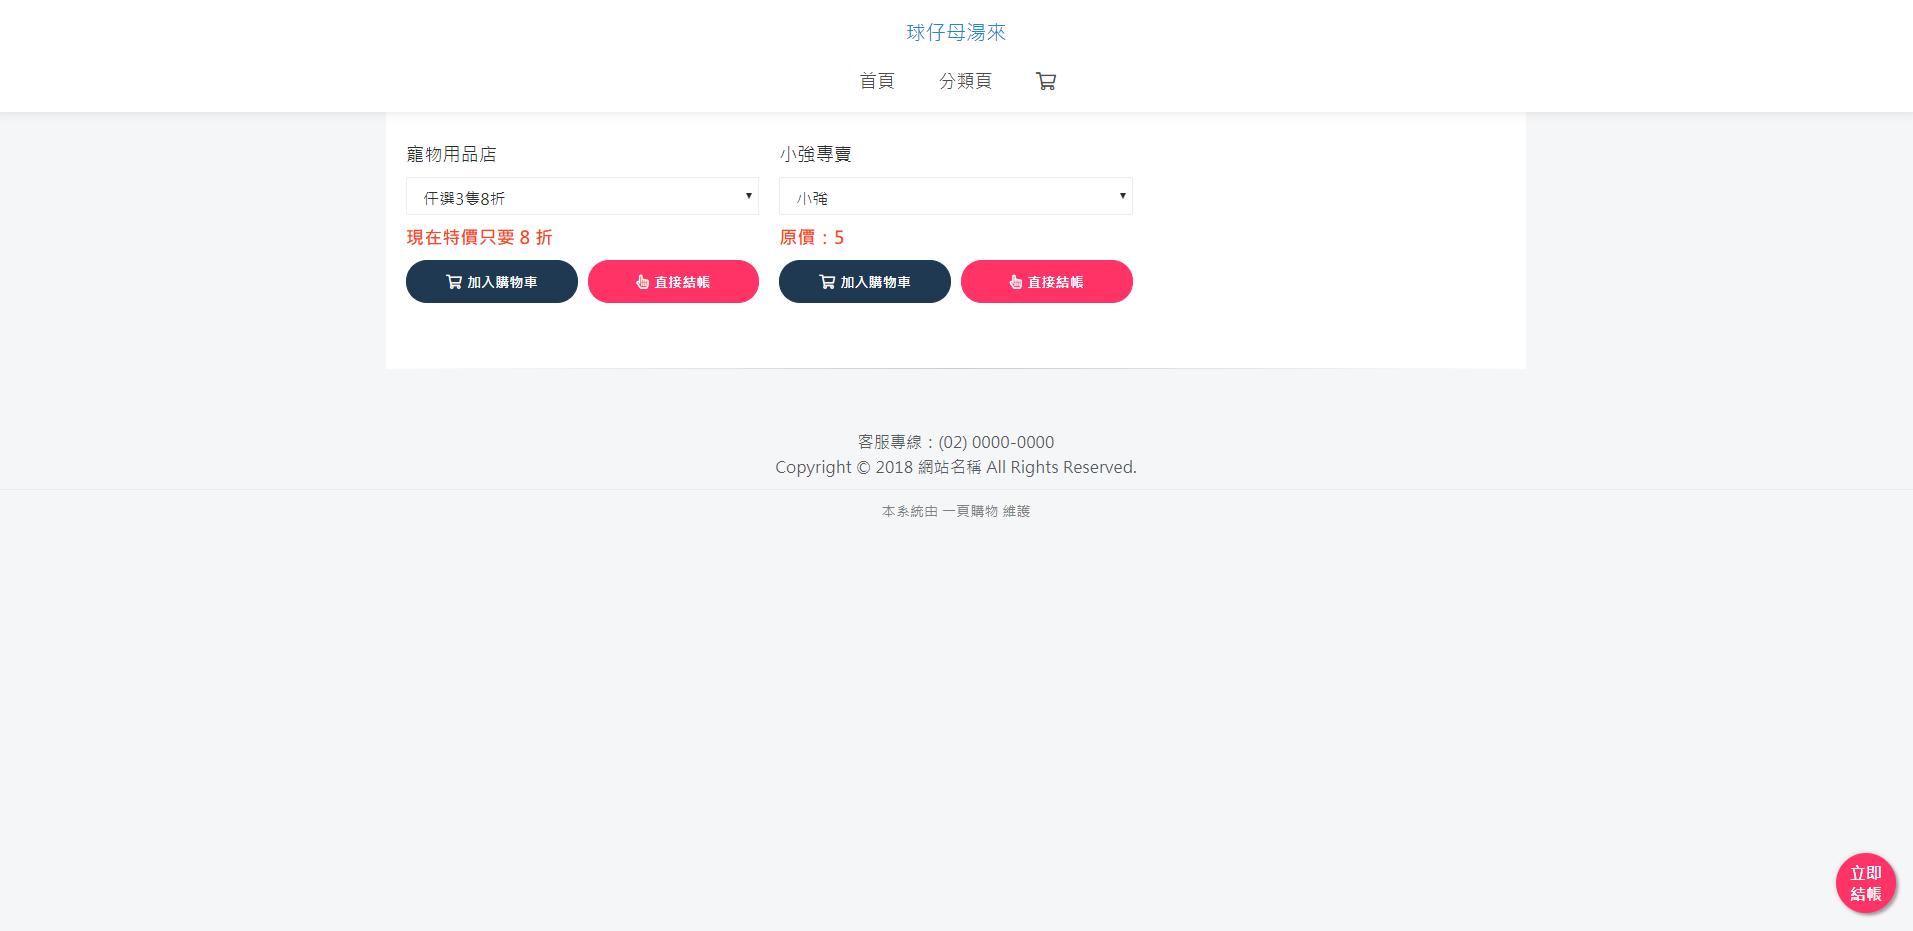 官網分類頁 設置銷售頁圖片連結